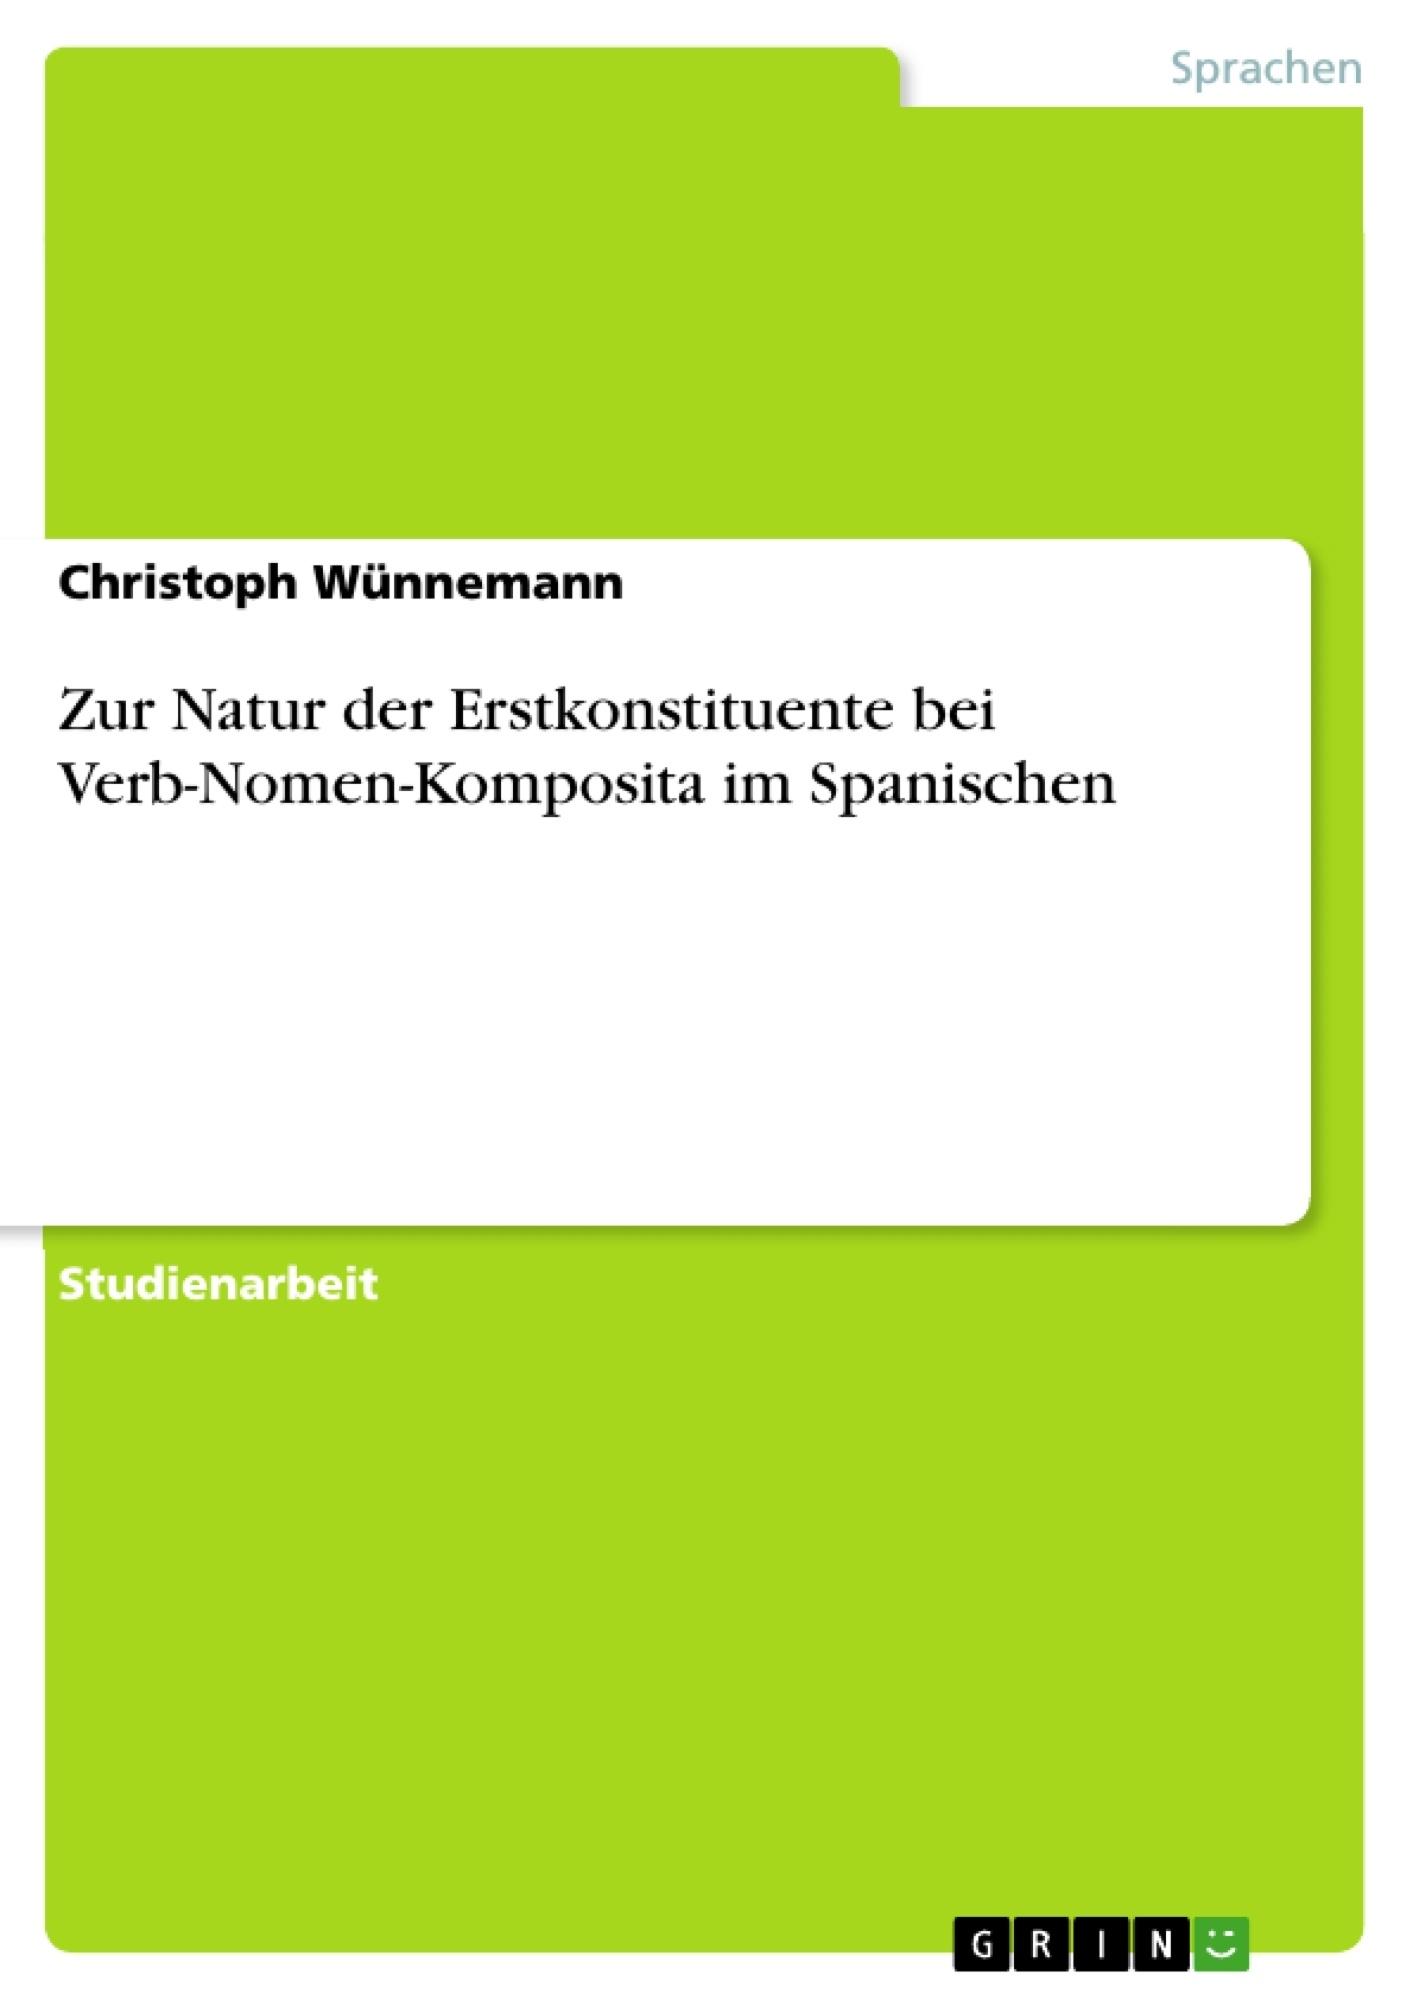 Titel: Zur Natur der Erstkonstituente bei Verb-Nomen-Komposita im Spanischen